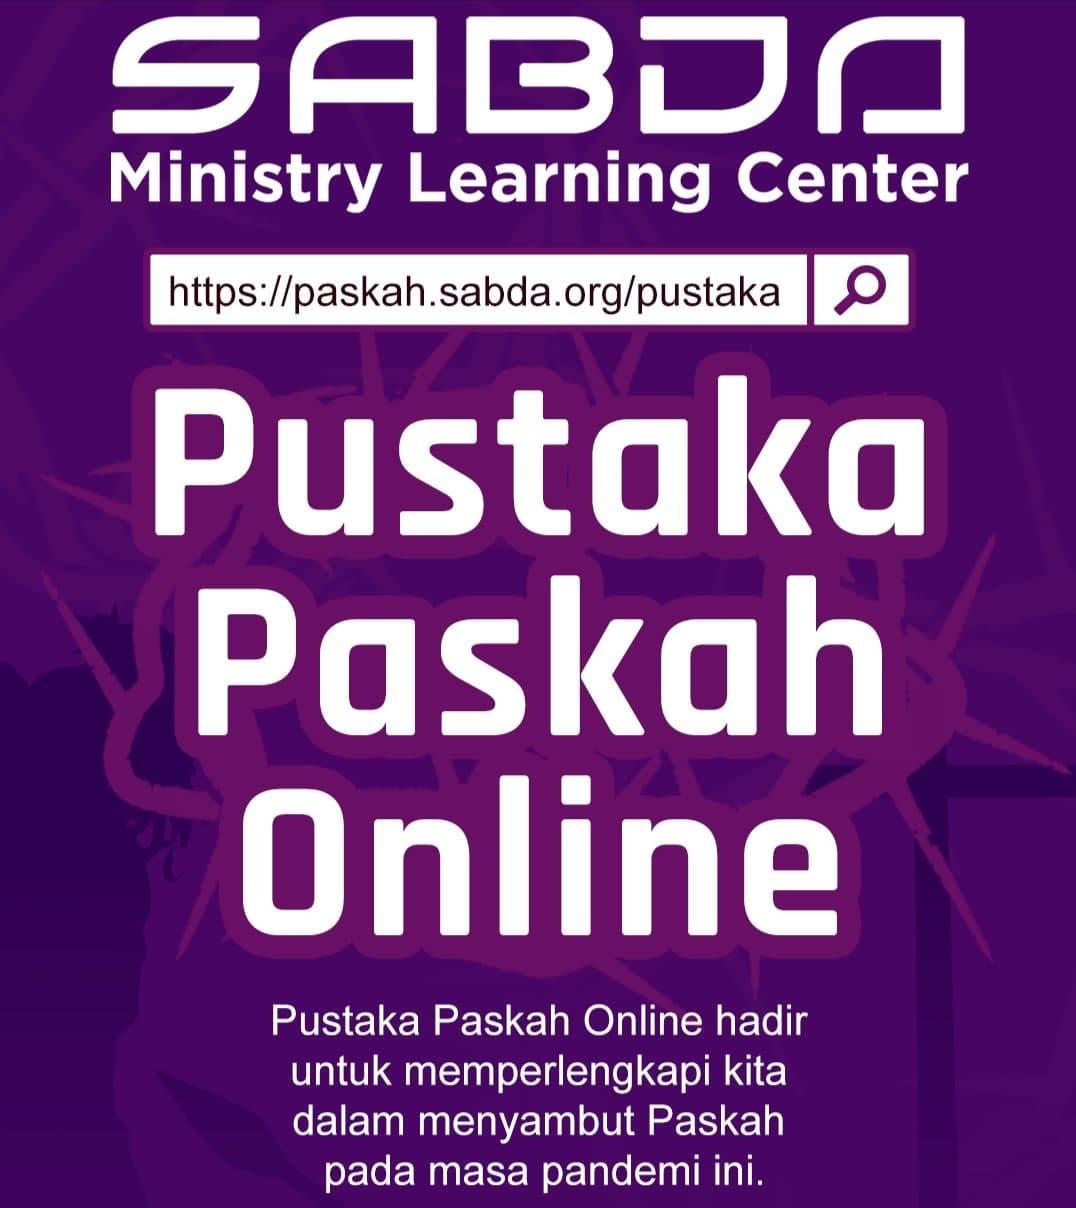 Pustaka Paskah Online